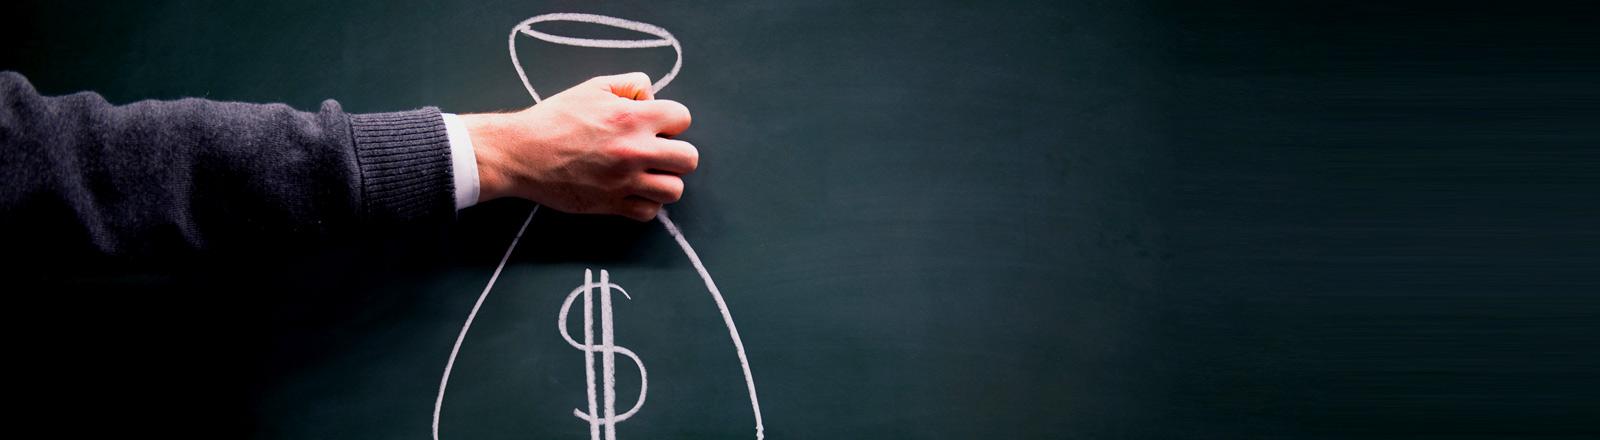 Eine Hand mit einem aufgemalten Sack mit Dollarzeichen.